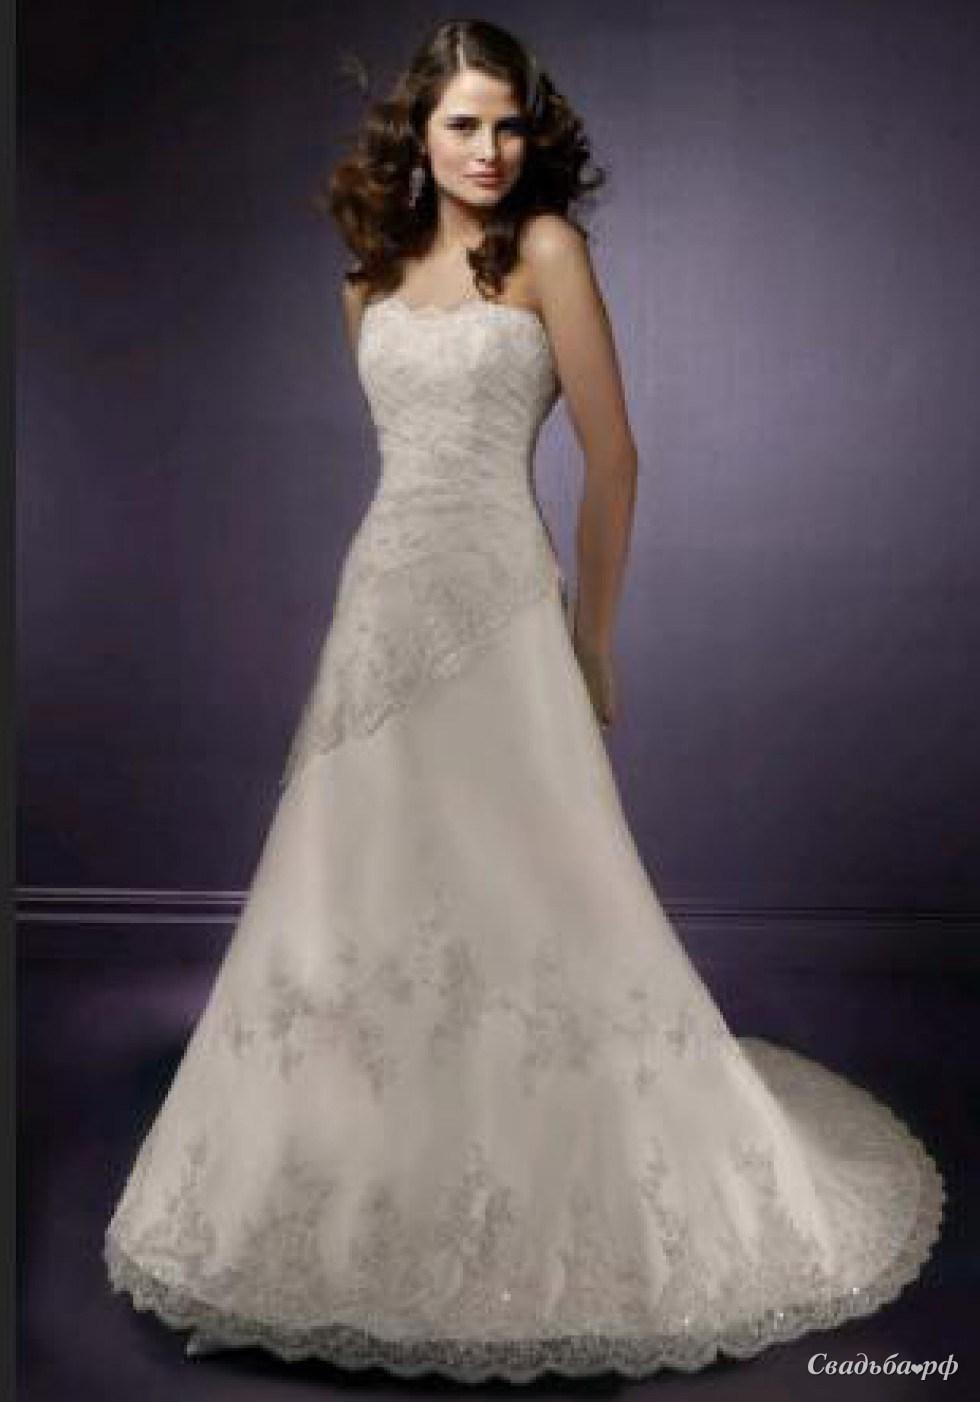 Купить свадебное платье 4167-Р342 (Mori Lee, коллекция Voyage